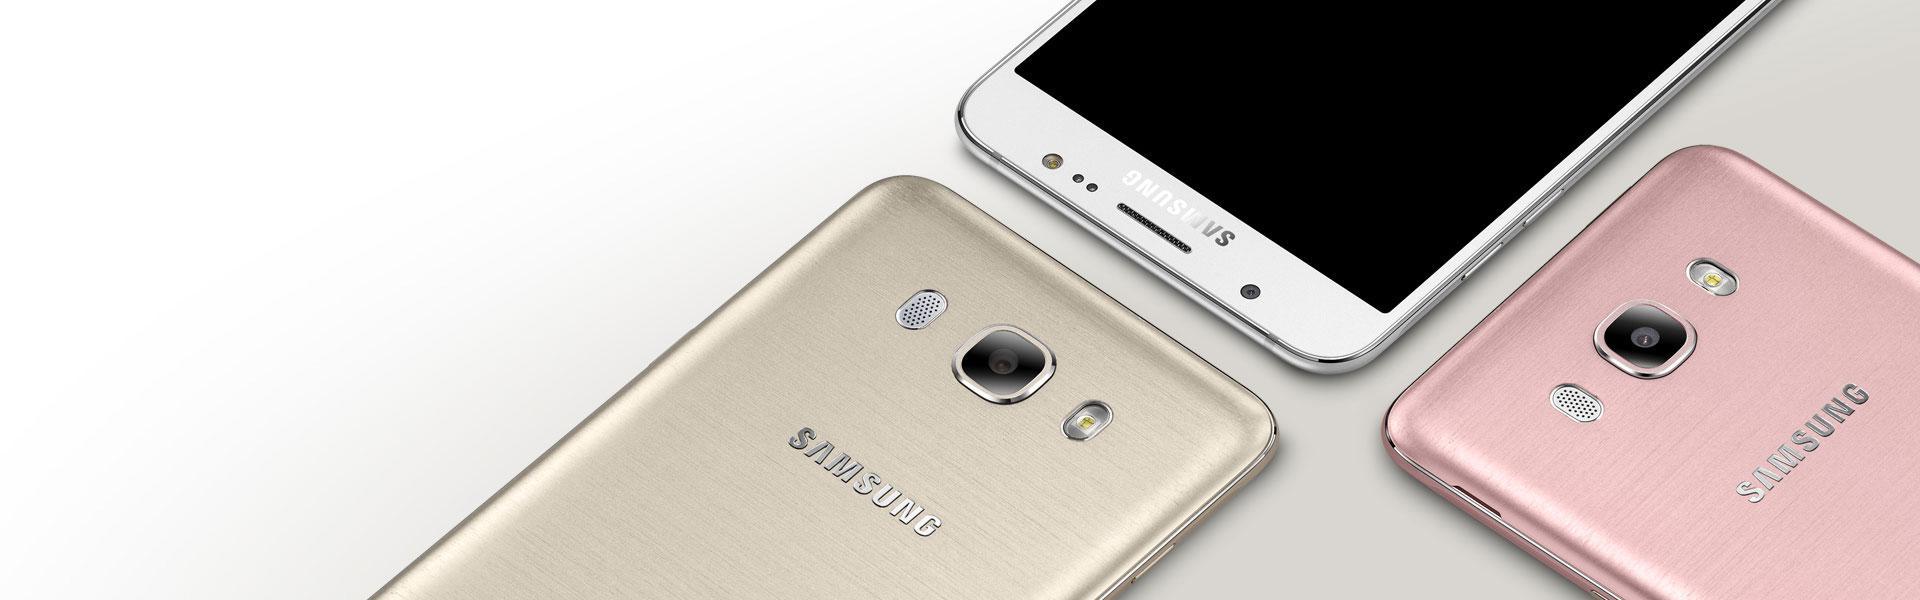 Samsung Galaxy J7 2016 dorado detalle de la cámara